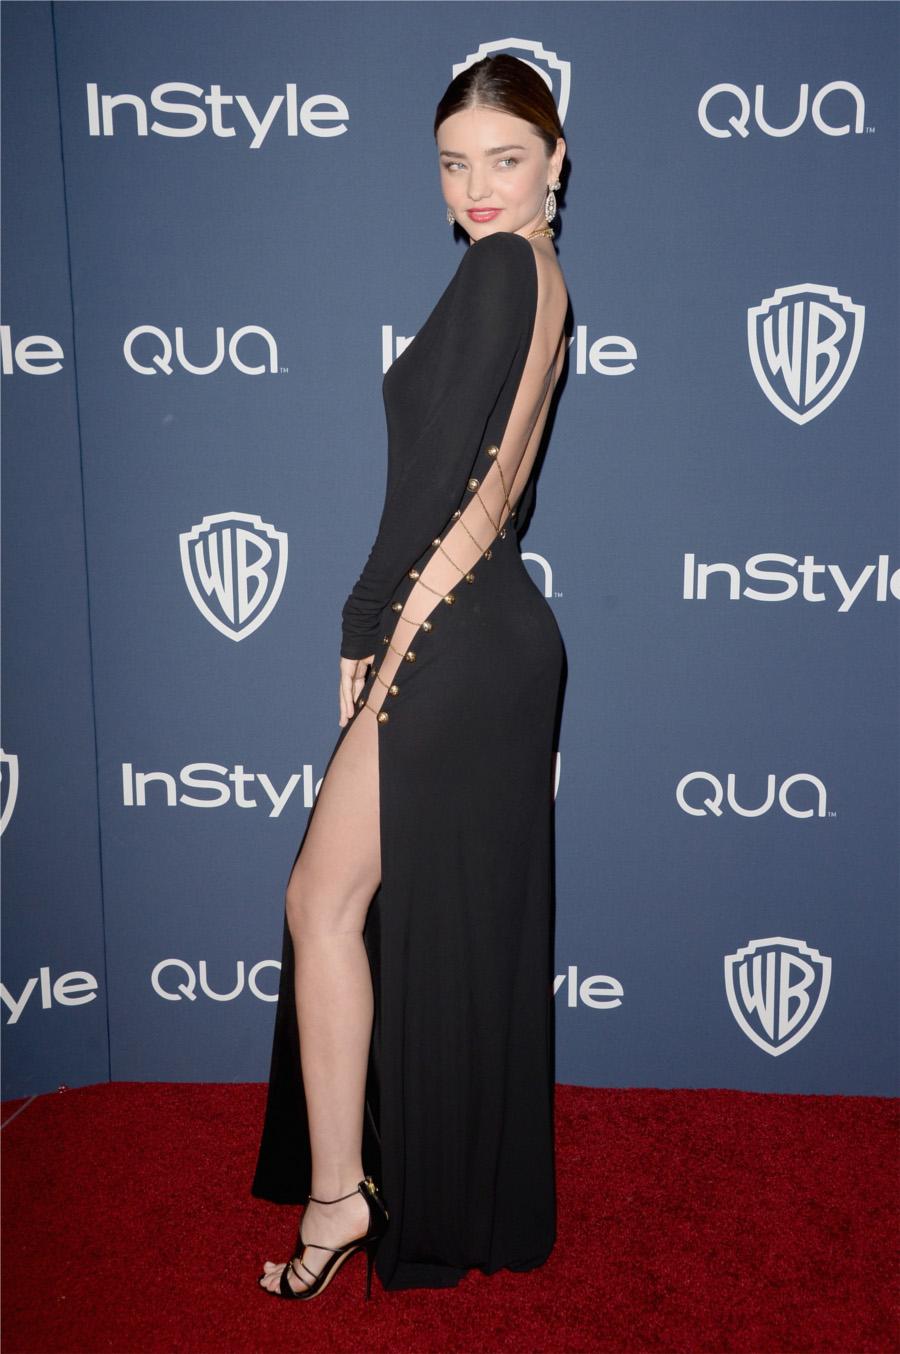 Miranda Kerr in Casadei